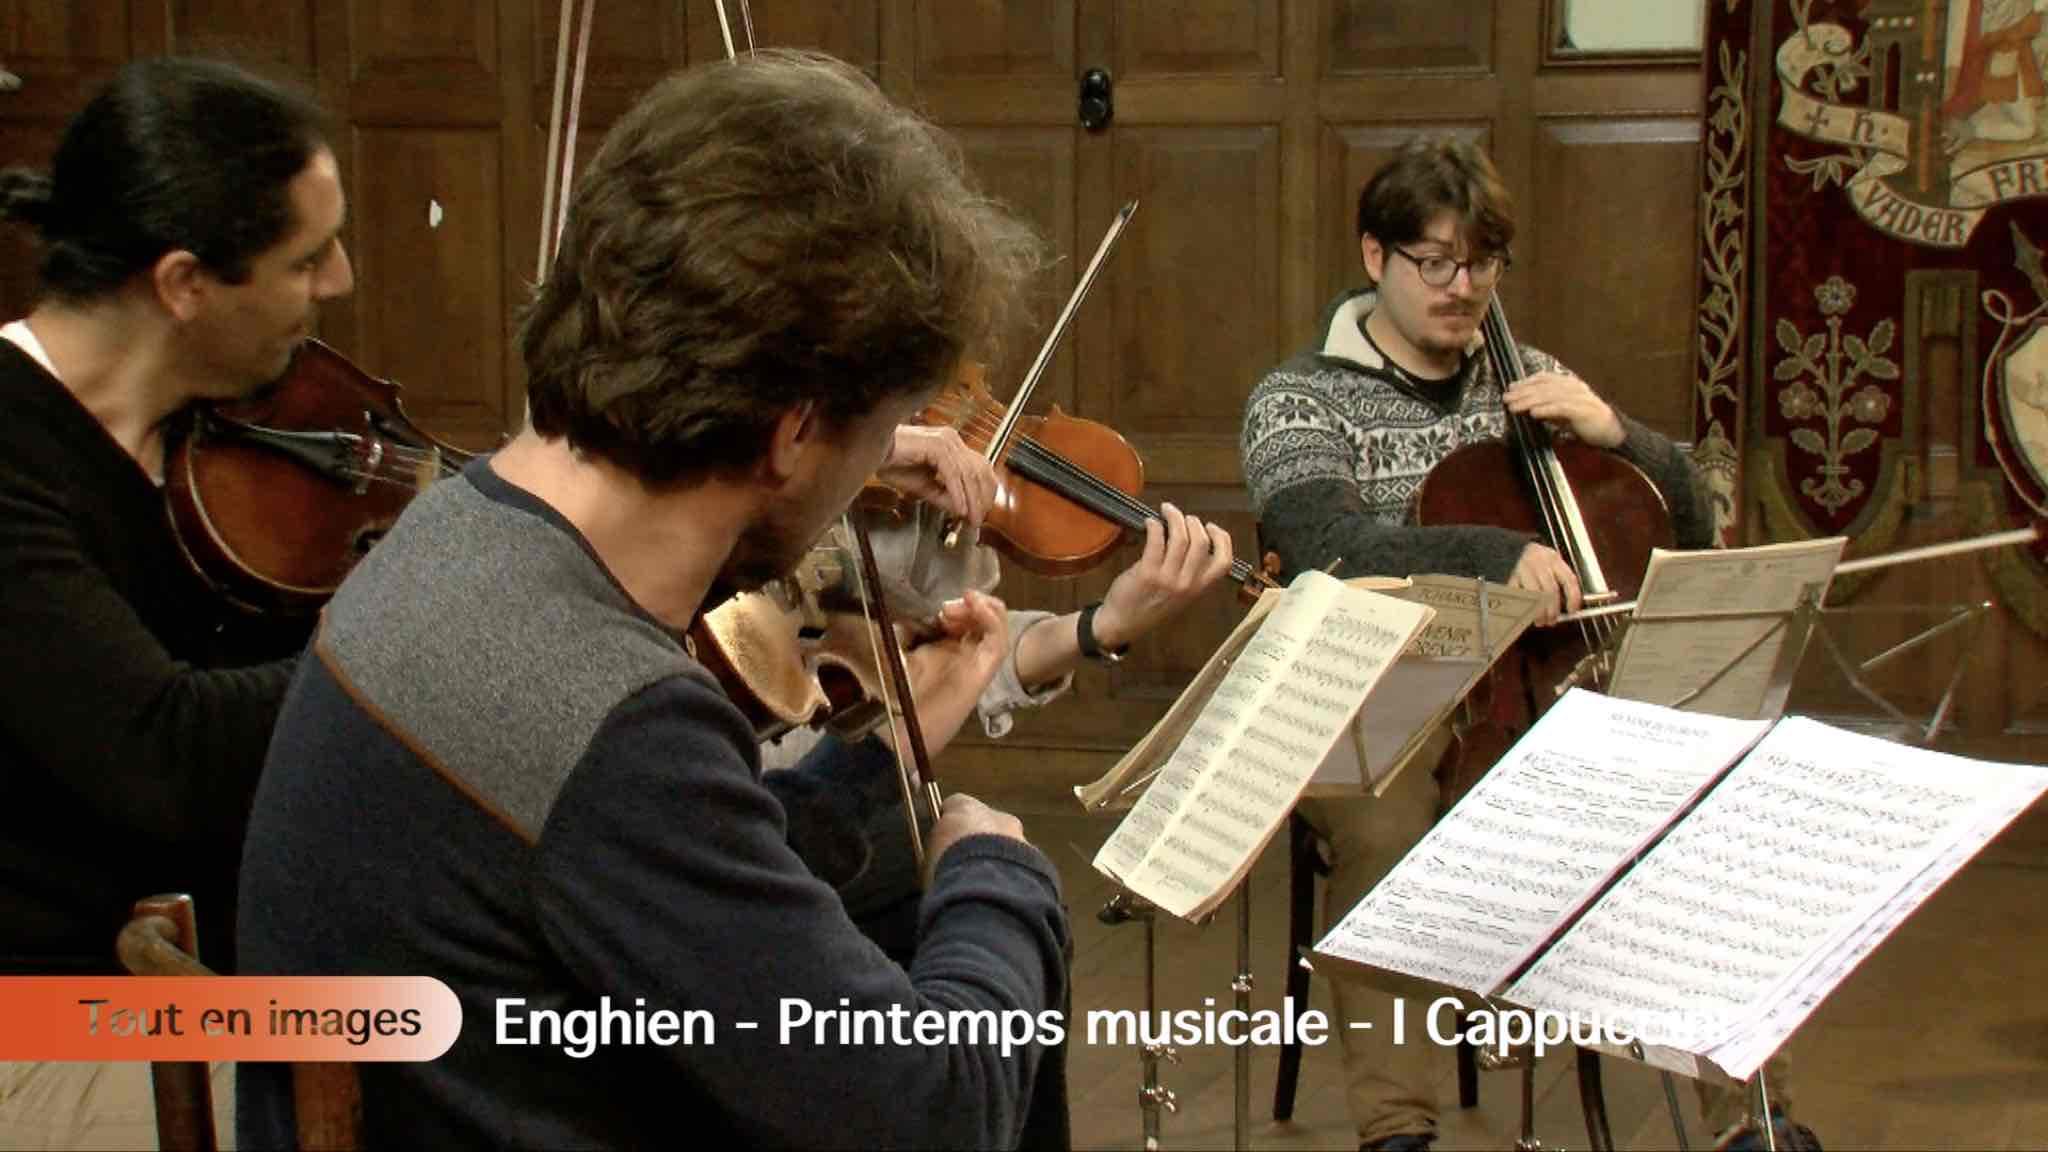 Printemps musical - Répétition I Cuccini